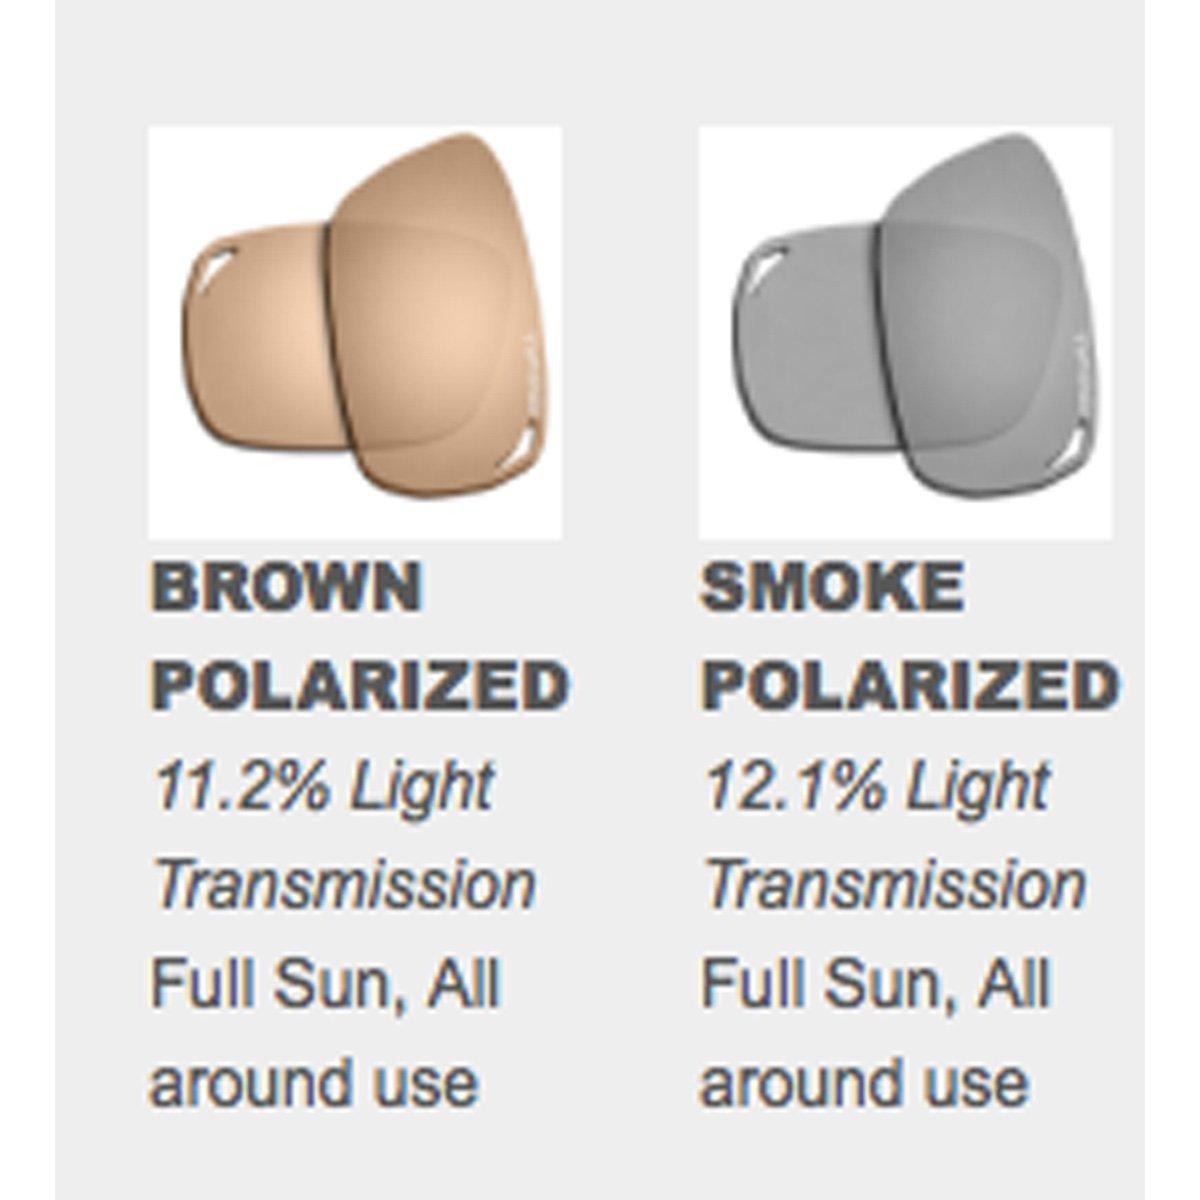 【レビューを書けば送料当店負担】 Tifosi Crit Fototec交換用レンズ B071DPGM7N Smoke Smoke Polarized B071DPGM7N Crit Fototec, ギフトギャラリー石橋:48130a55 --- vilazh.indexis.ru